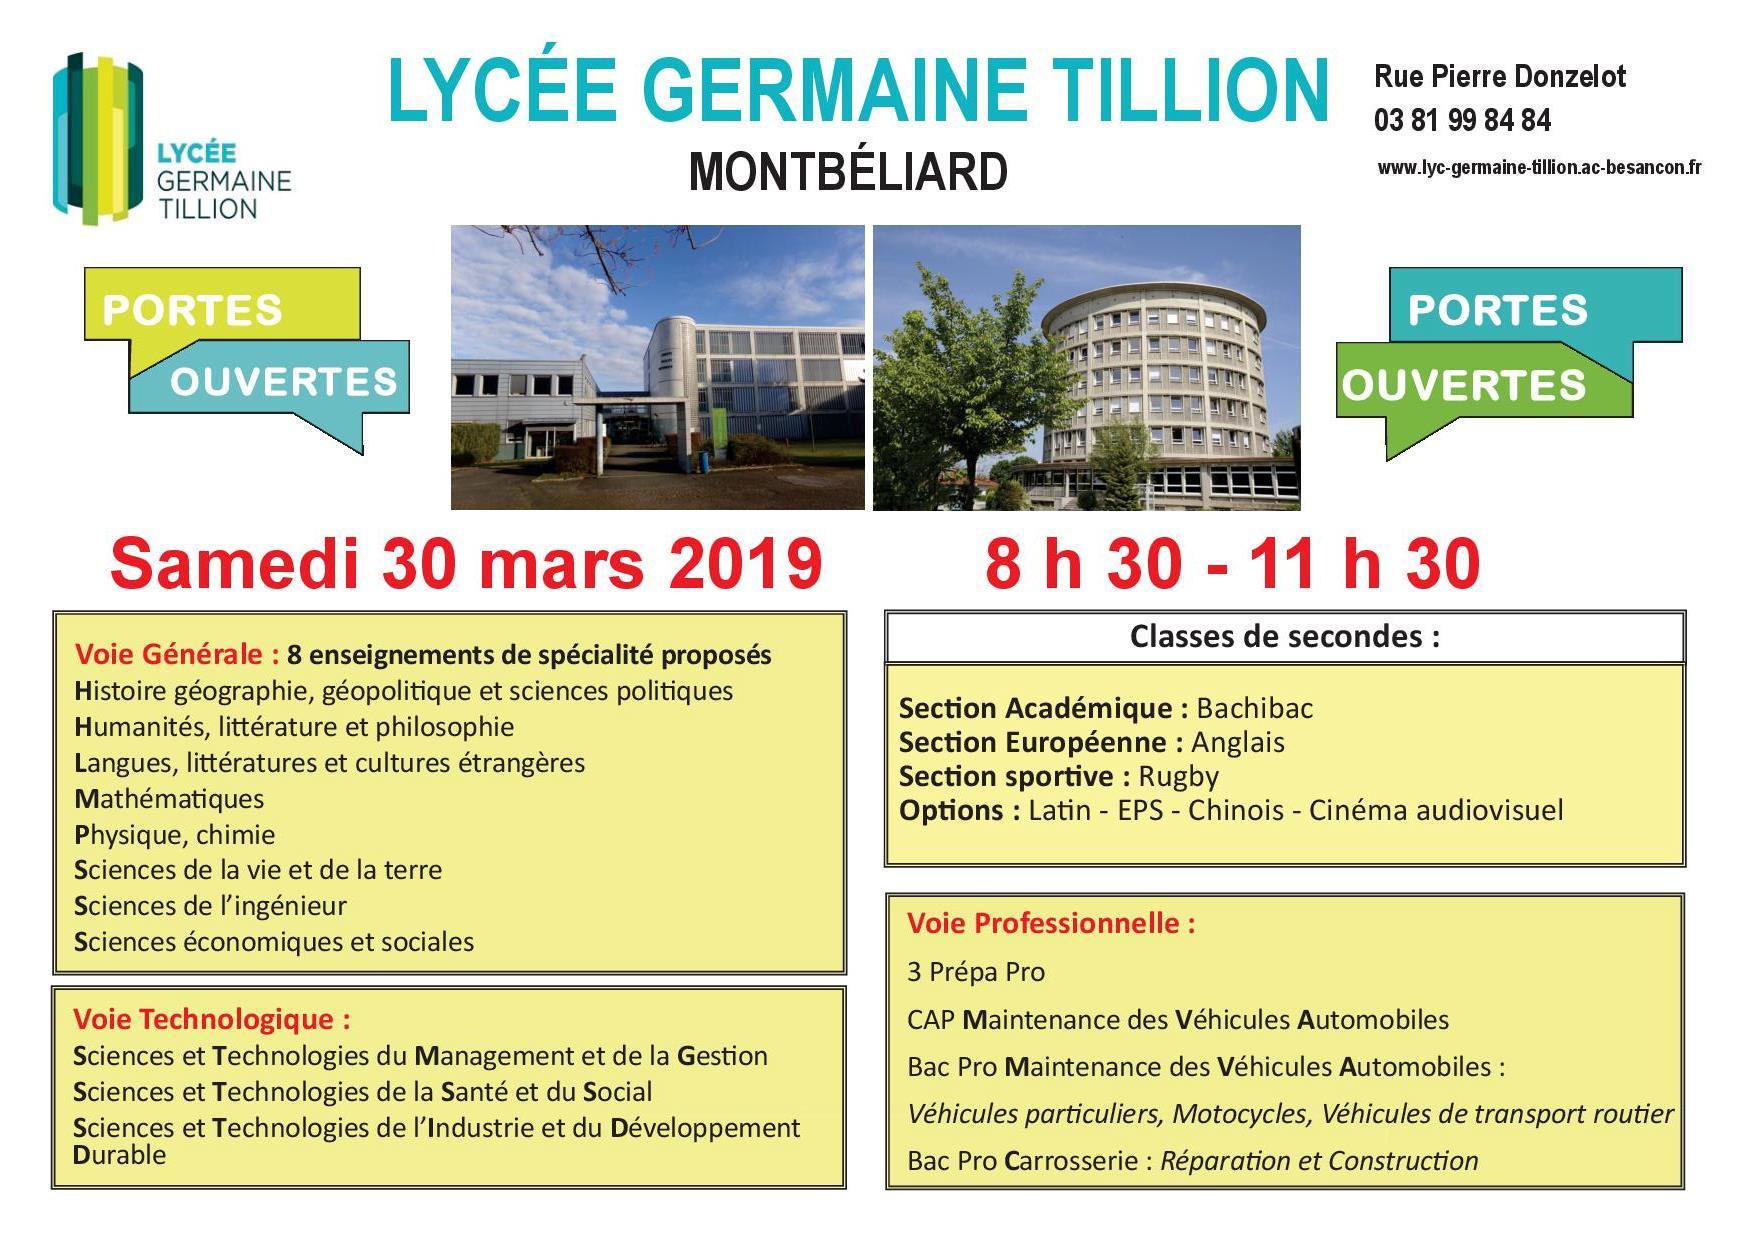 Nos Journées Portes Ouvertes Lycée Germaine Tillion Montbéliard